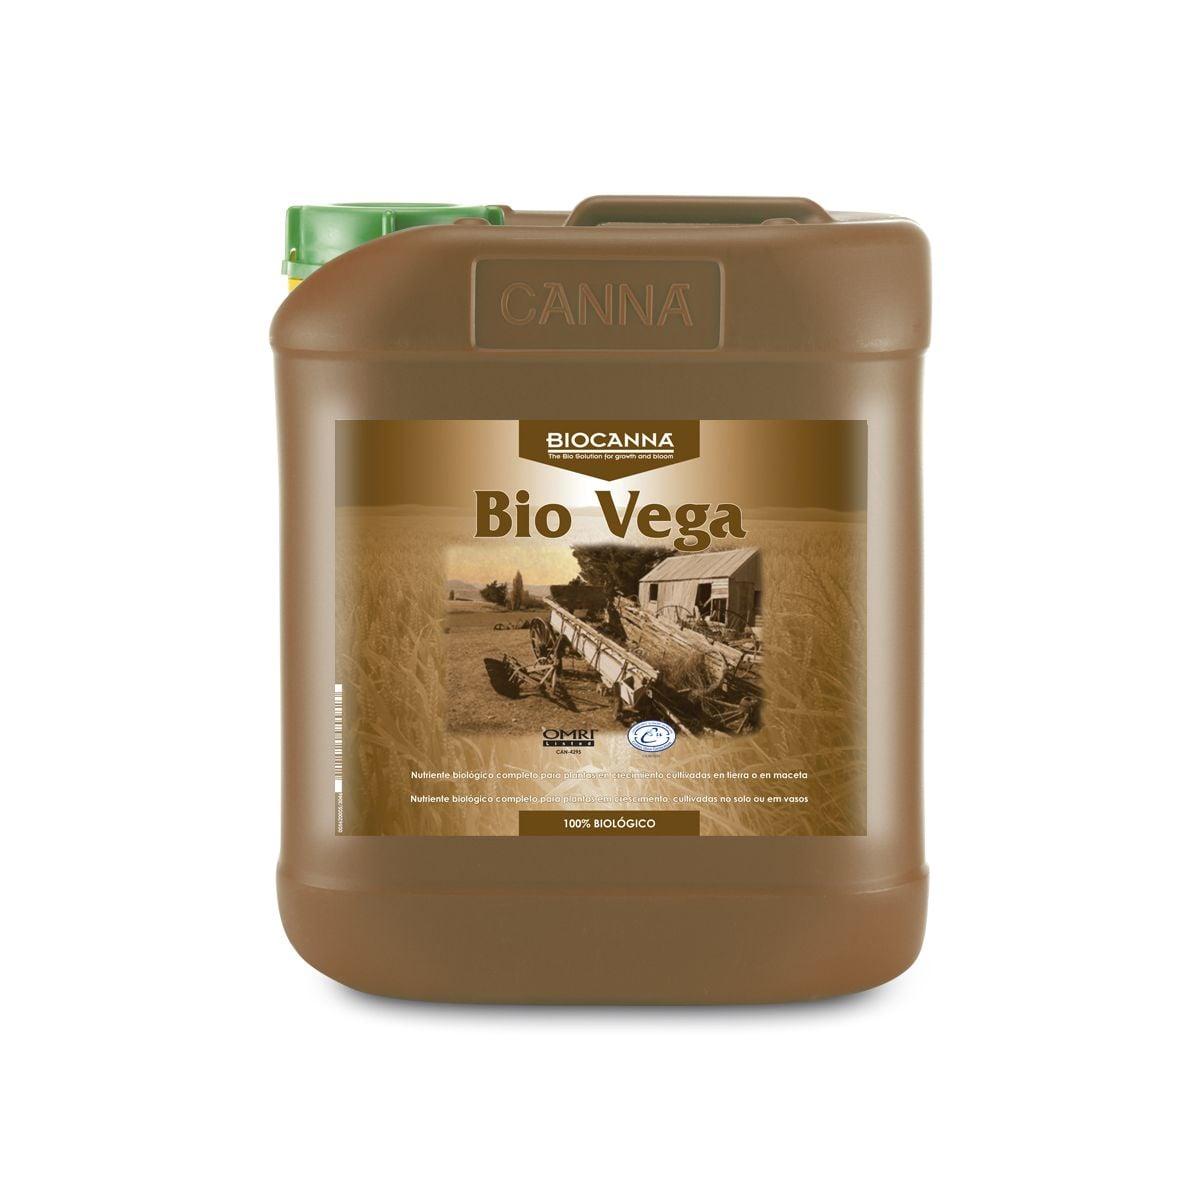 דשן אורגני קאנה Canna Bio Vega 5 Liter